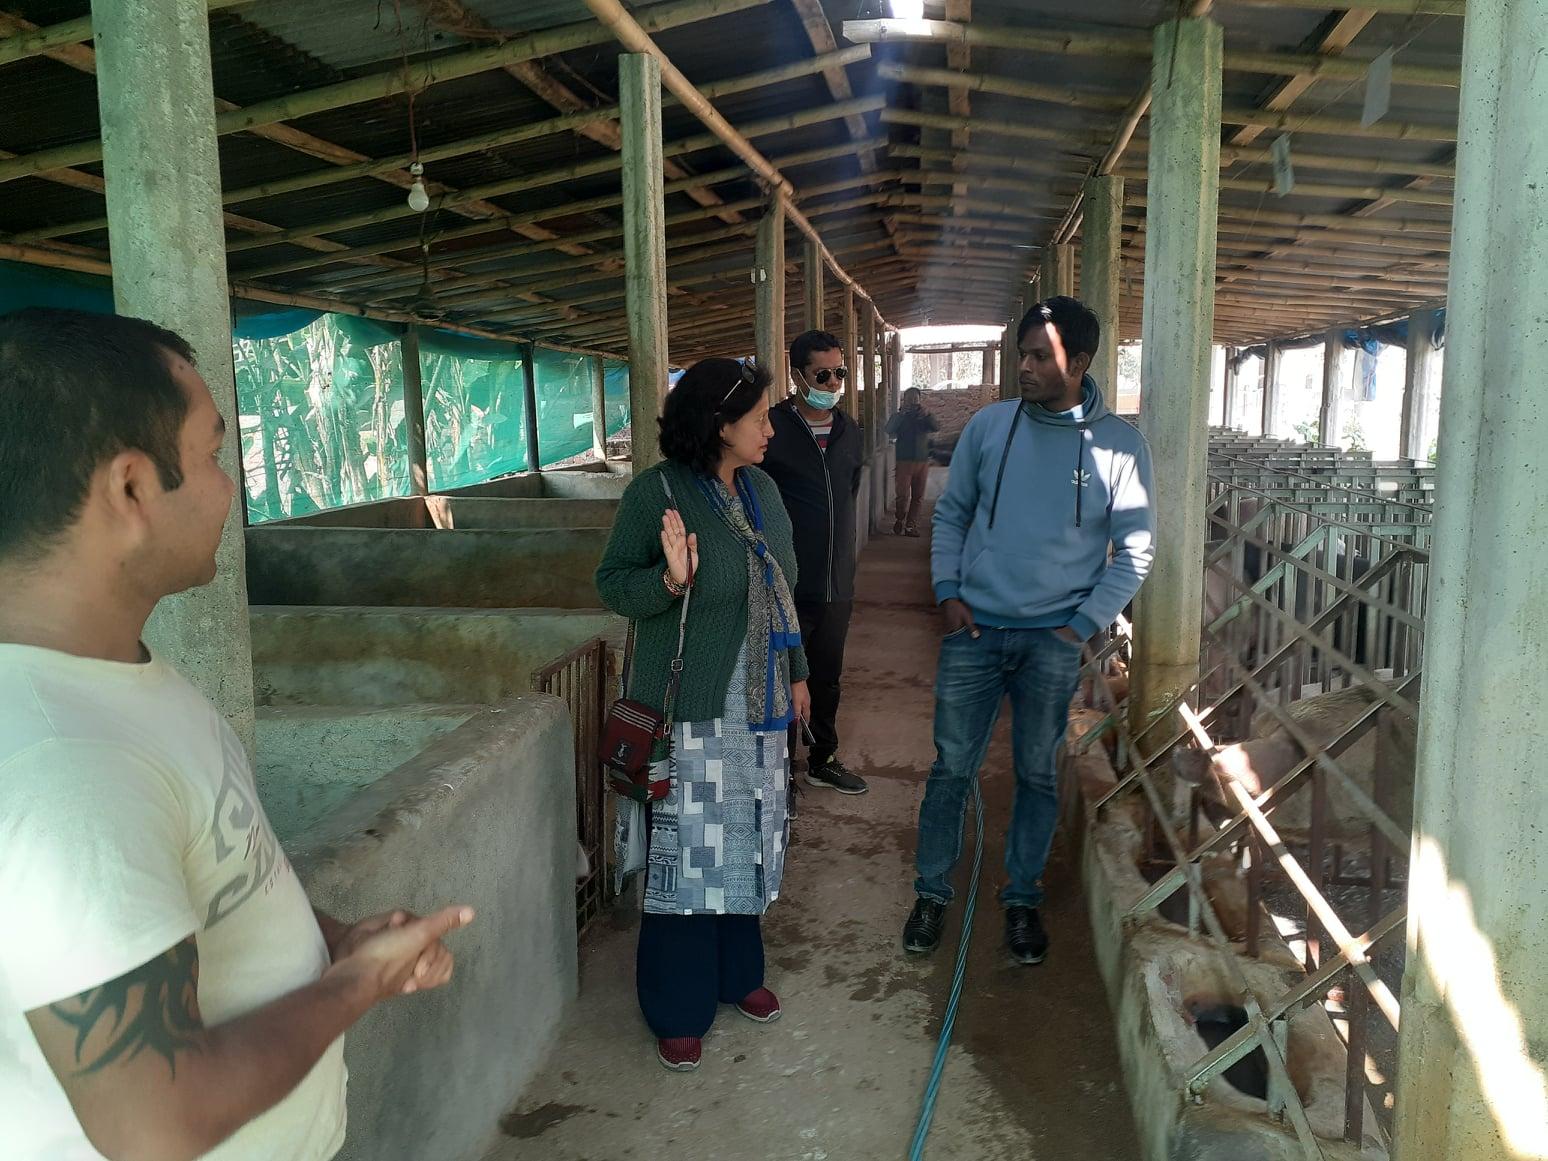 'कृषि क्षेत्रको प्रवद्र्धनमा जोड दिनु पर्ने'